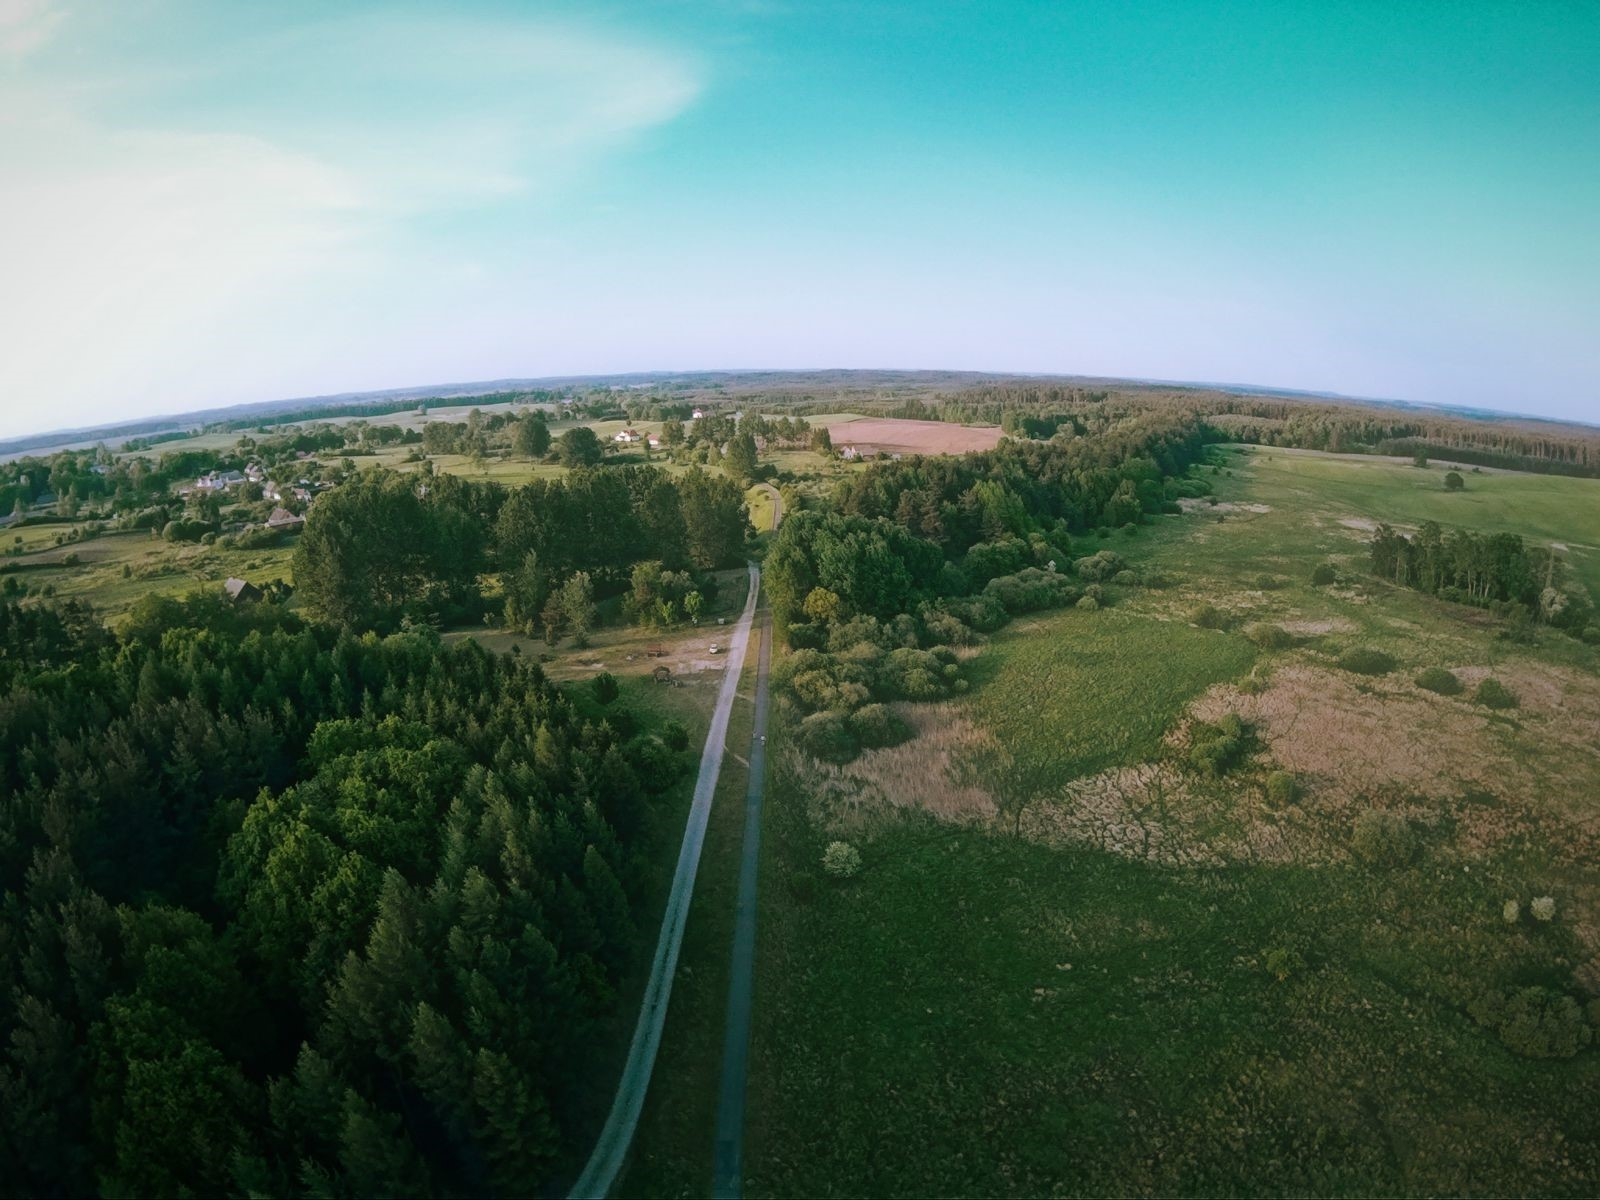 """Widok na nasyp """"Berlinki"""" w okolicach Cieszyna (drzewostan przecinający widoczną ścieżkę rowerową)"""